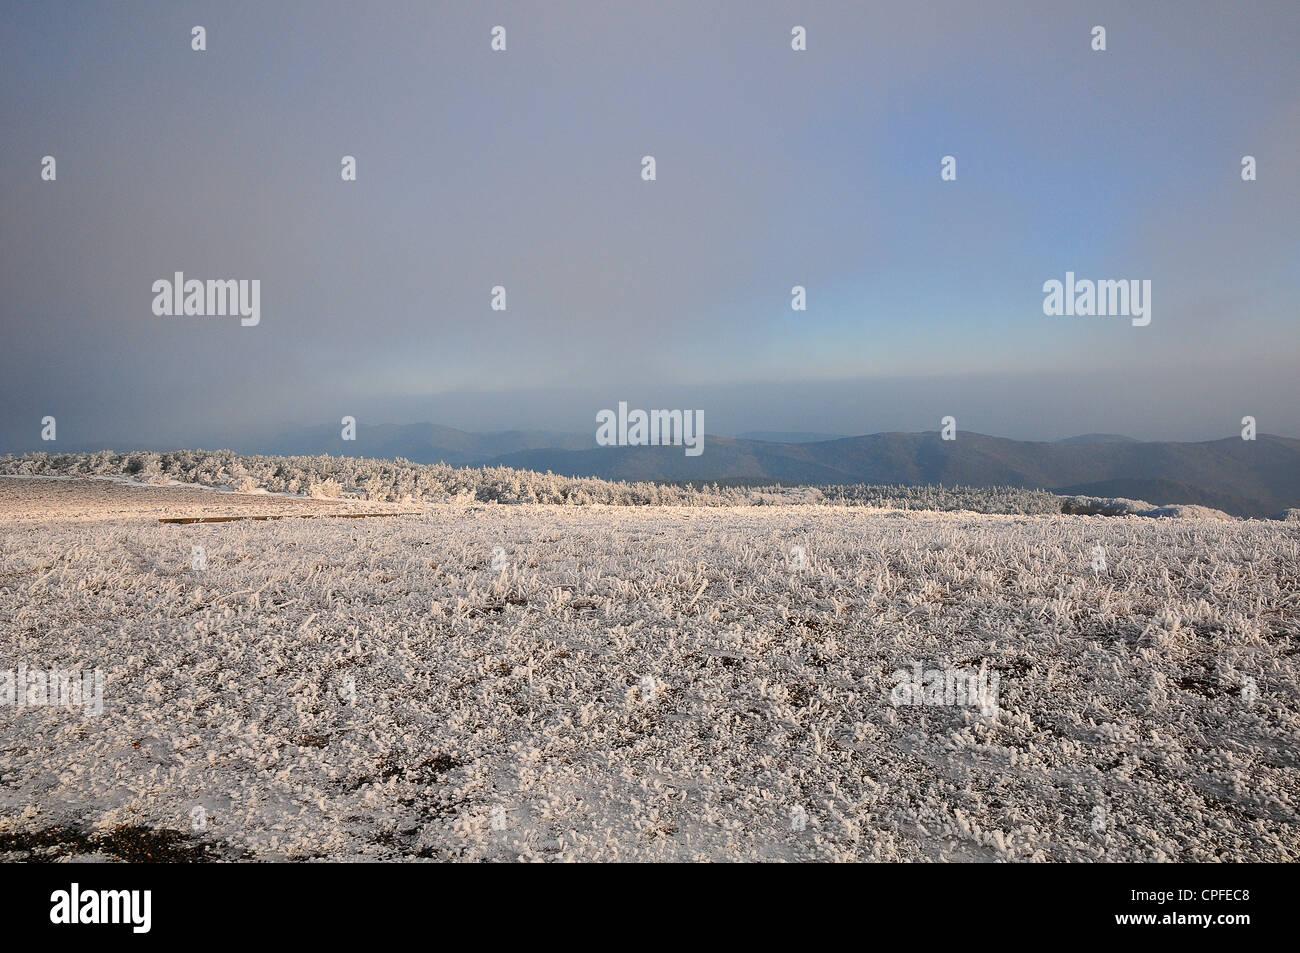 Smerigliati neve e un pastello Sky Winter's pomeriggio al Pic de Nora in La Montagne Noire, Francia Immagini Stock